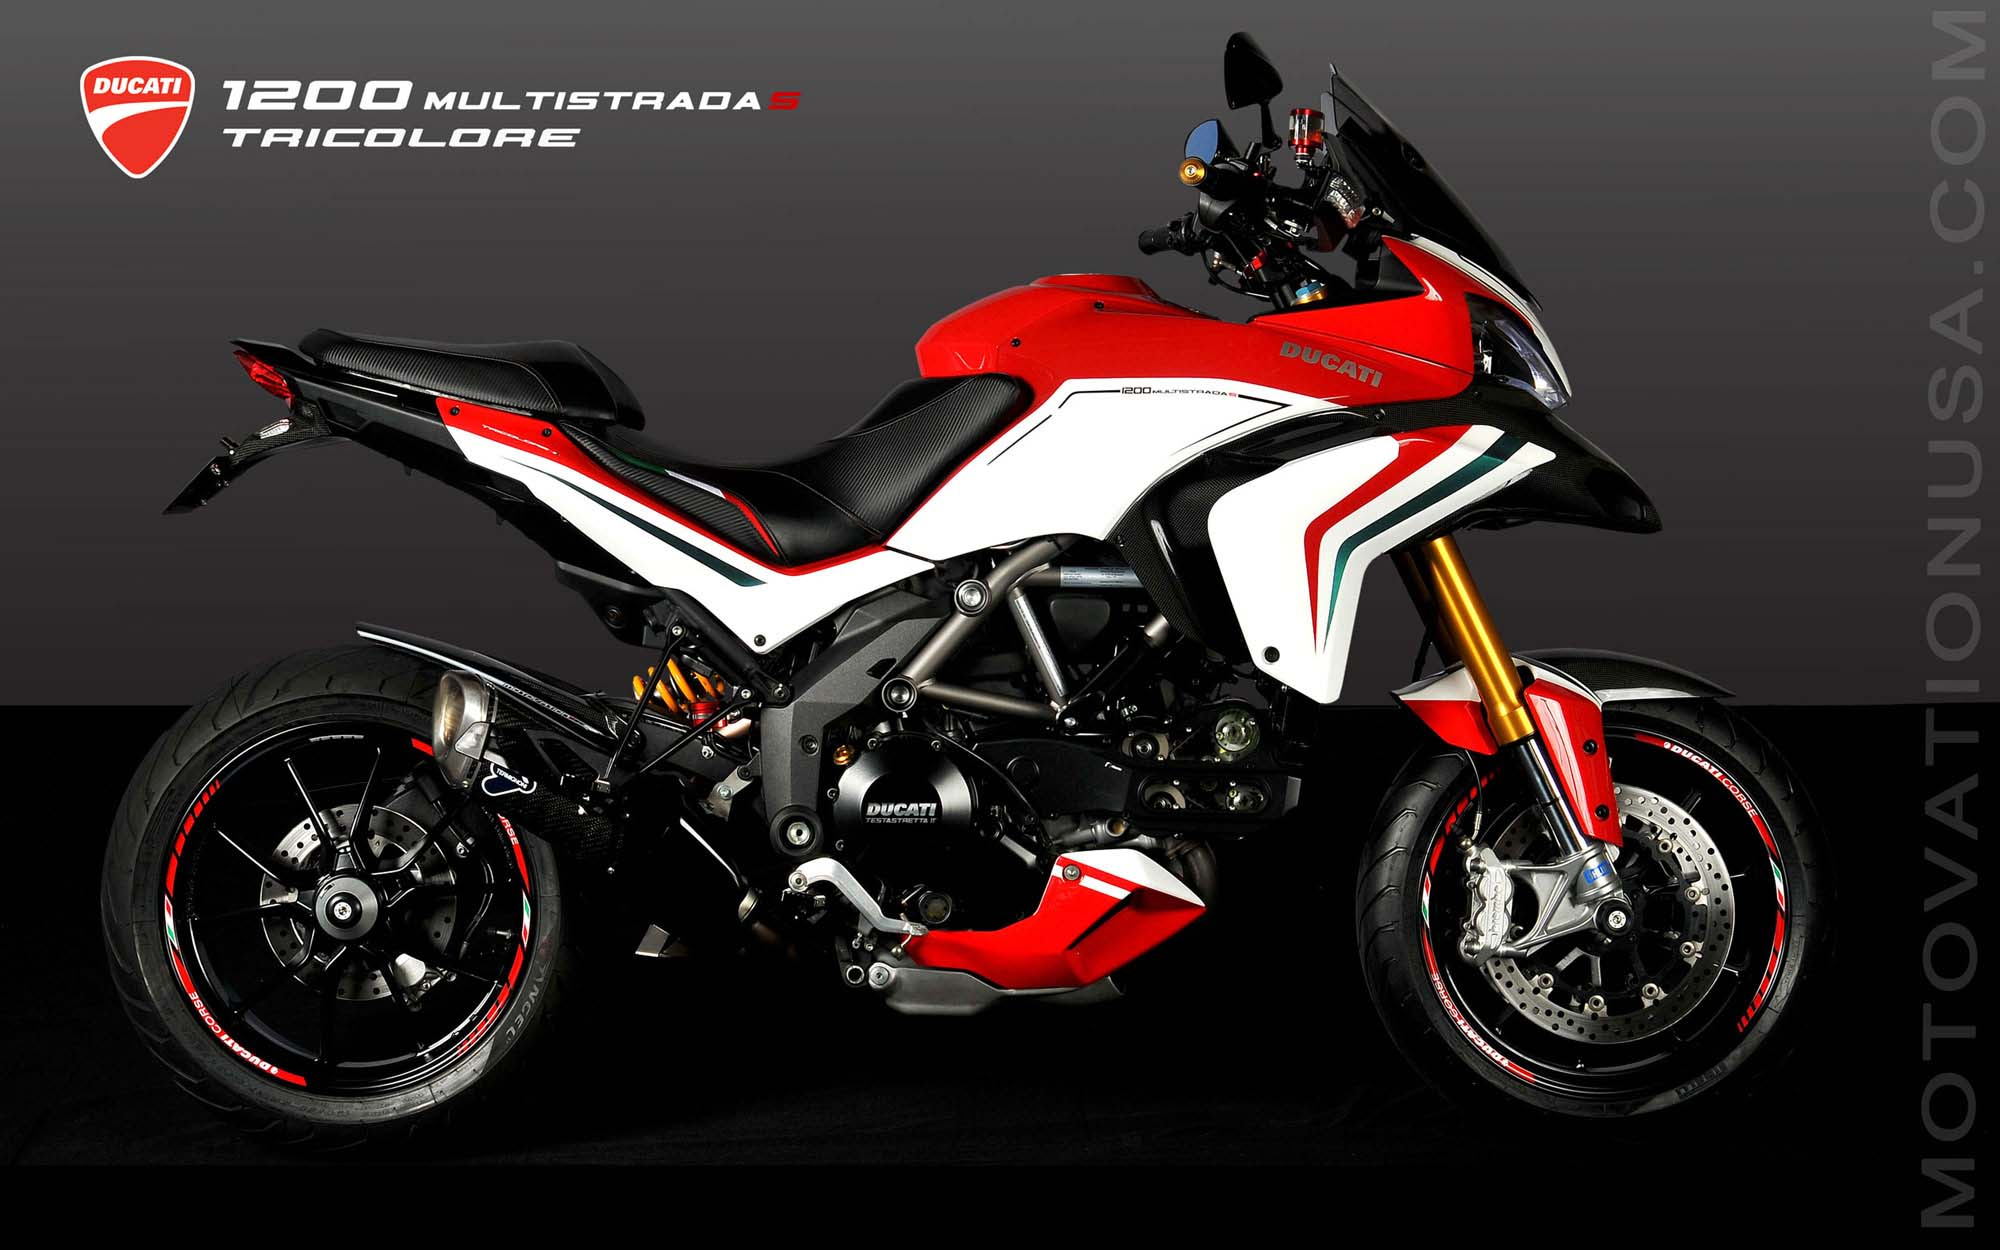 Ducati Multistrada 1200 S Tricolore By Motovation